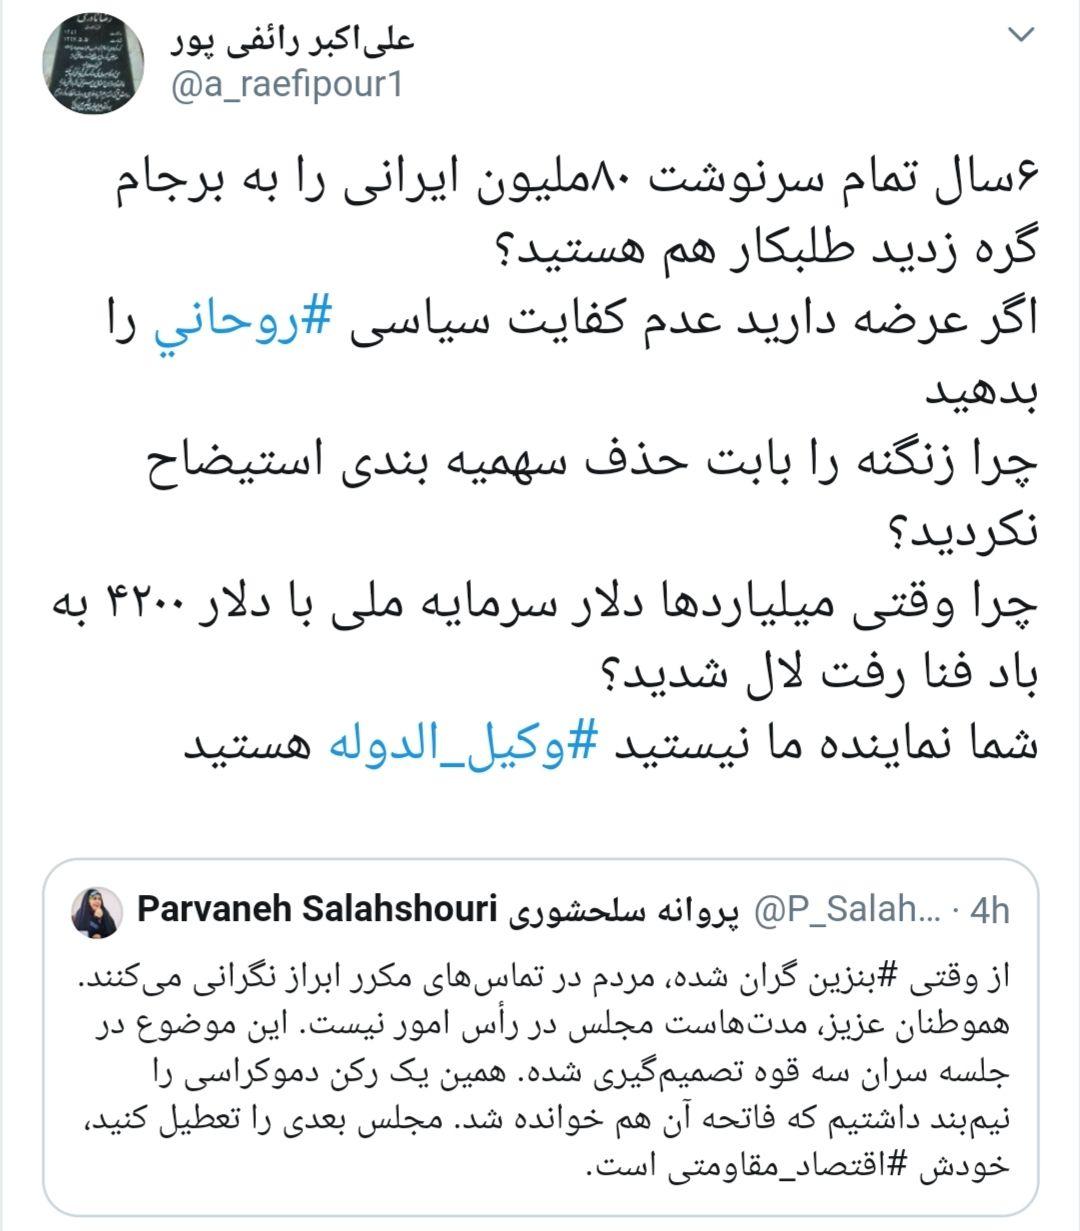 توییت استاد رائفی پور در واکنش به توییت پروانه سلحشوری درباره اختیارات مجلس